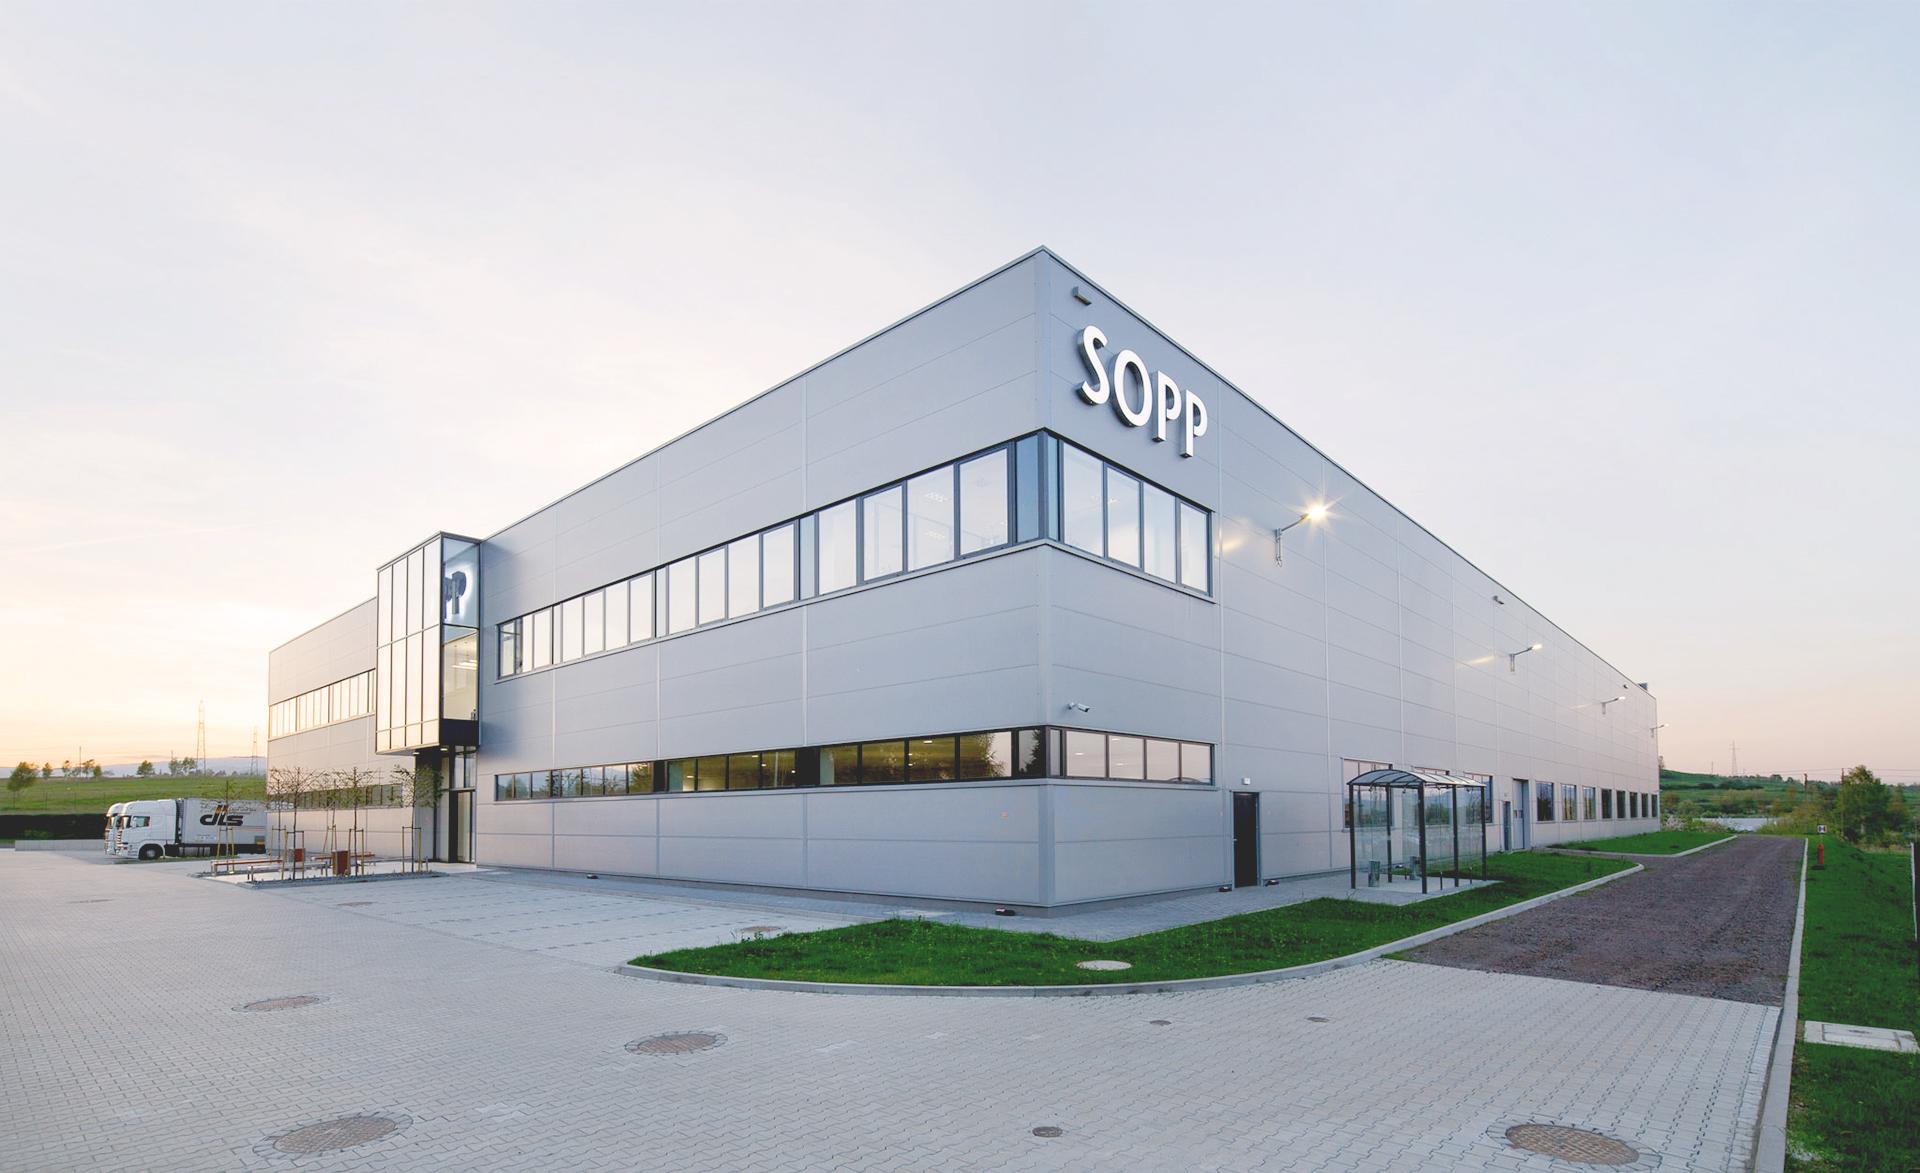 SOPP factory in Kamienna Góra, Poland, built by Takenaka Europe